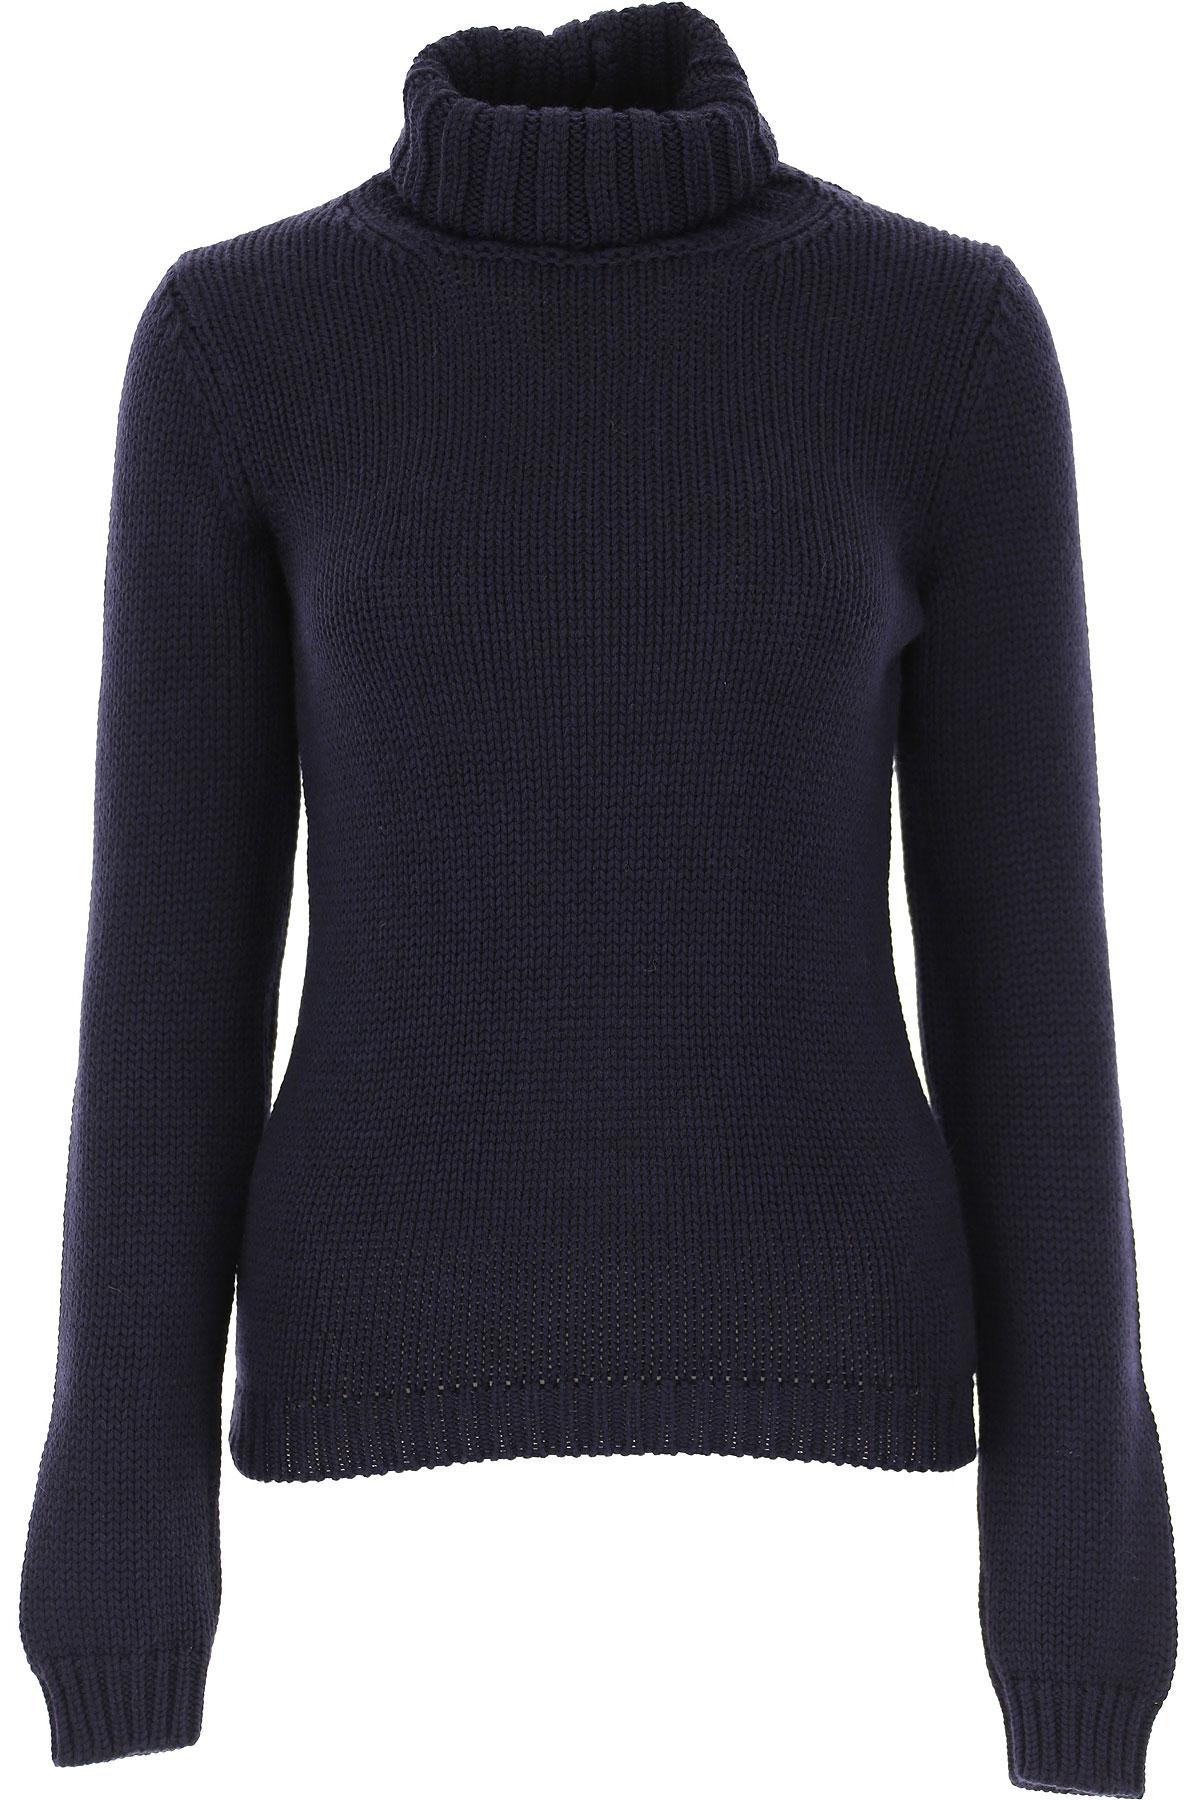 Zanone Sweater for Women Jumper On Sale, Dark Blue, Wool, 2019, 10 8